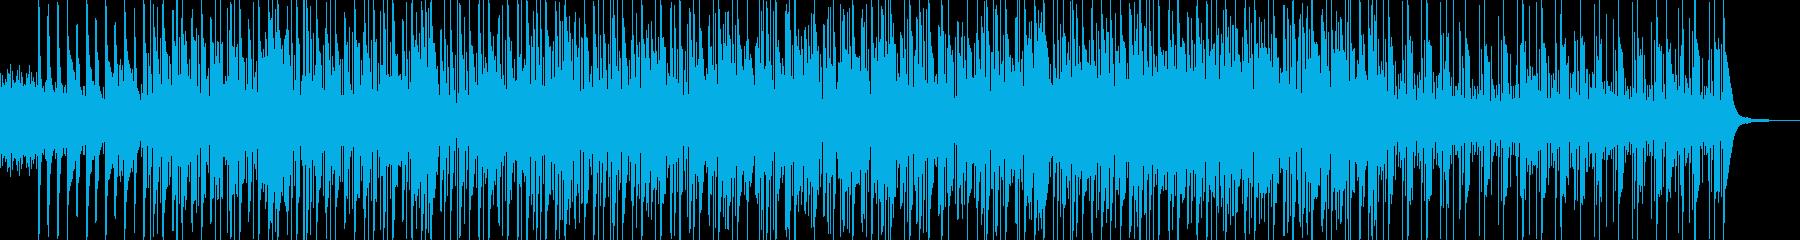 明るいミックスカルチャーなチルアウトの再生済みの波形